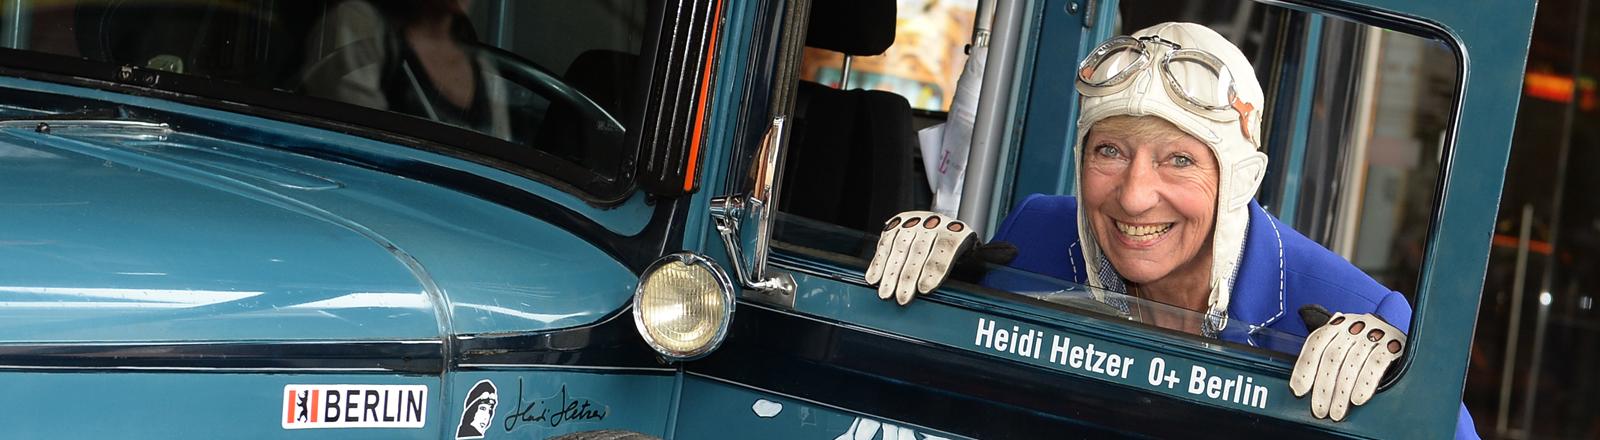 Heidi Hetzer in ihrem Auto.